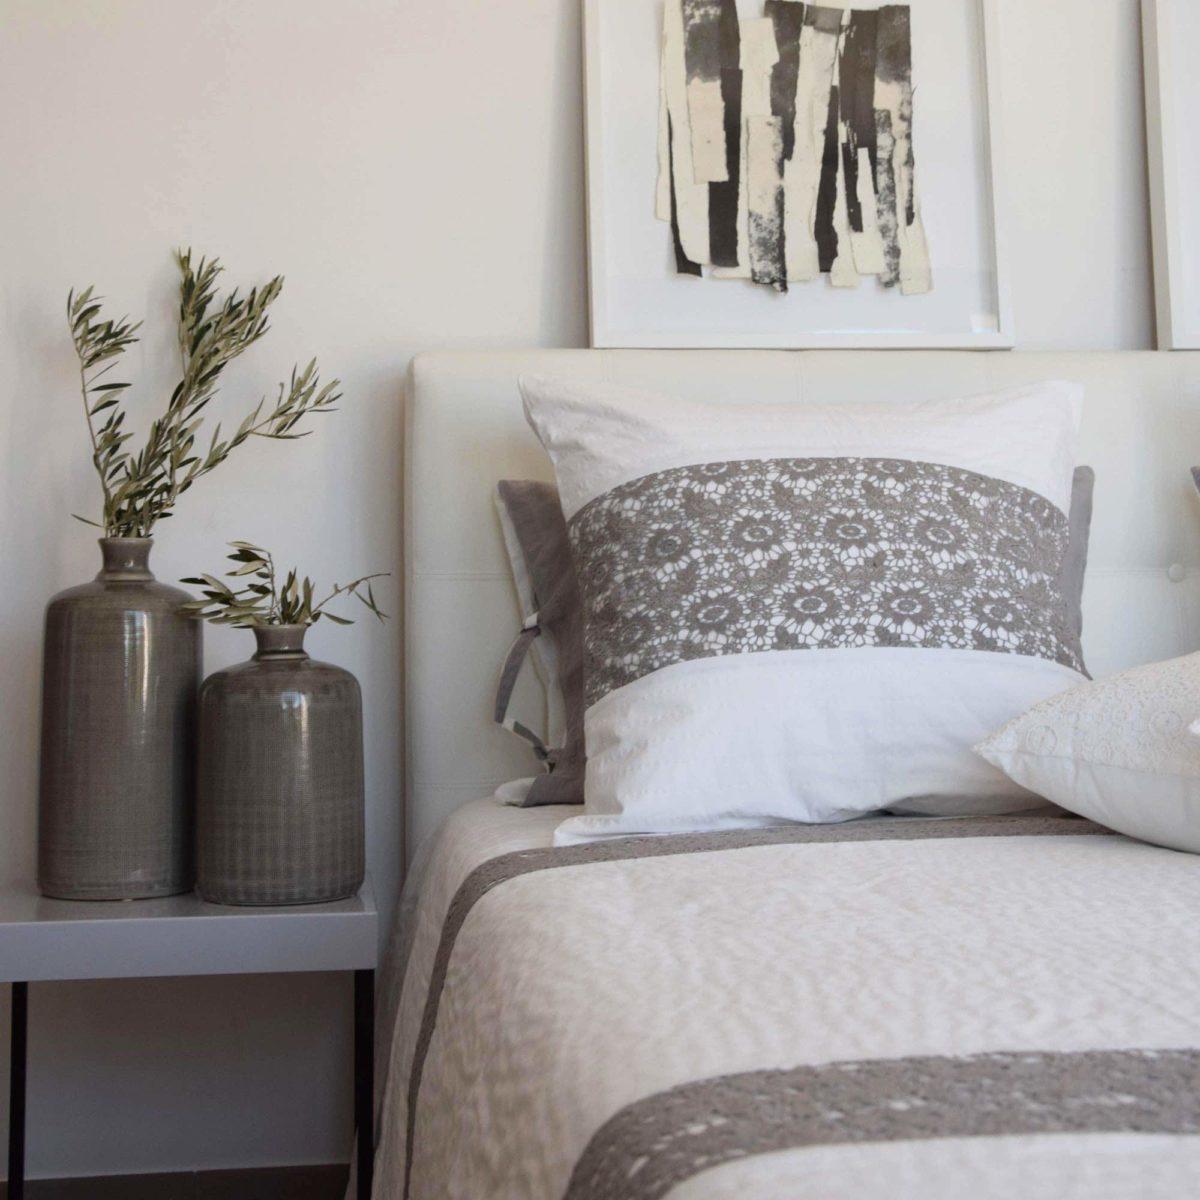 couvre lit nantes blanc et gris le monde de rose. Black Bedroom Furniture Sets. Home Design Ideas